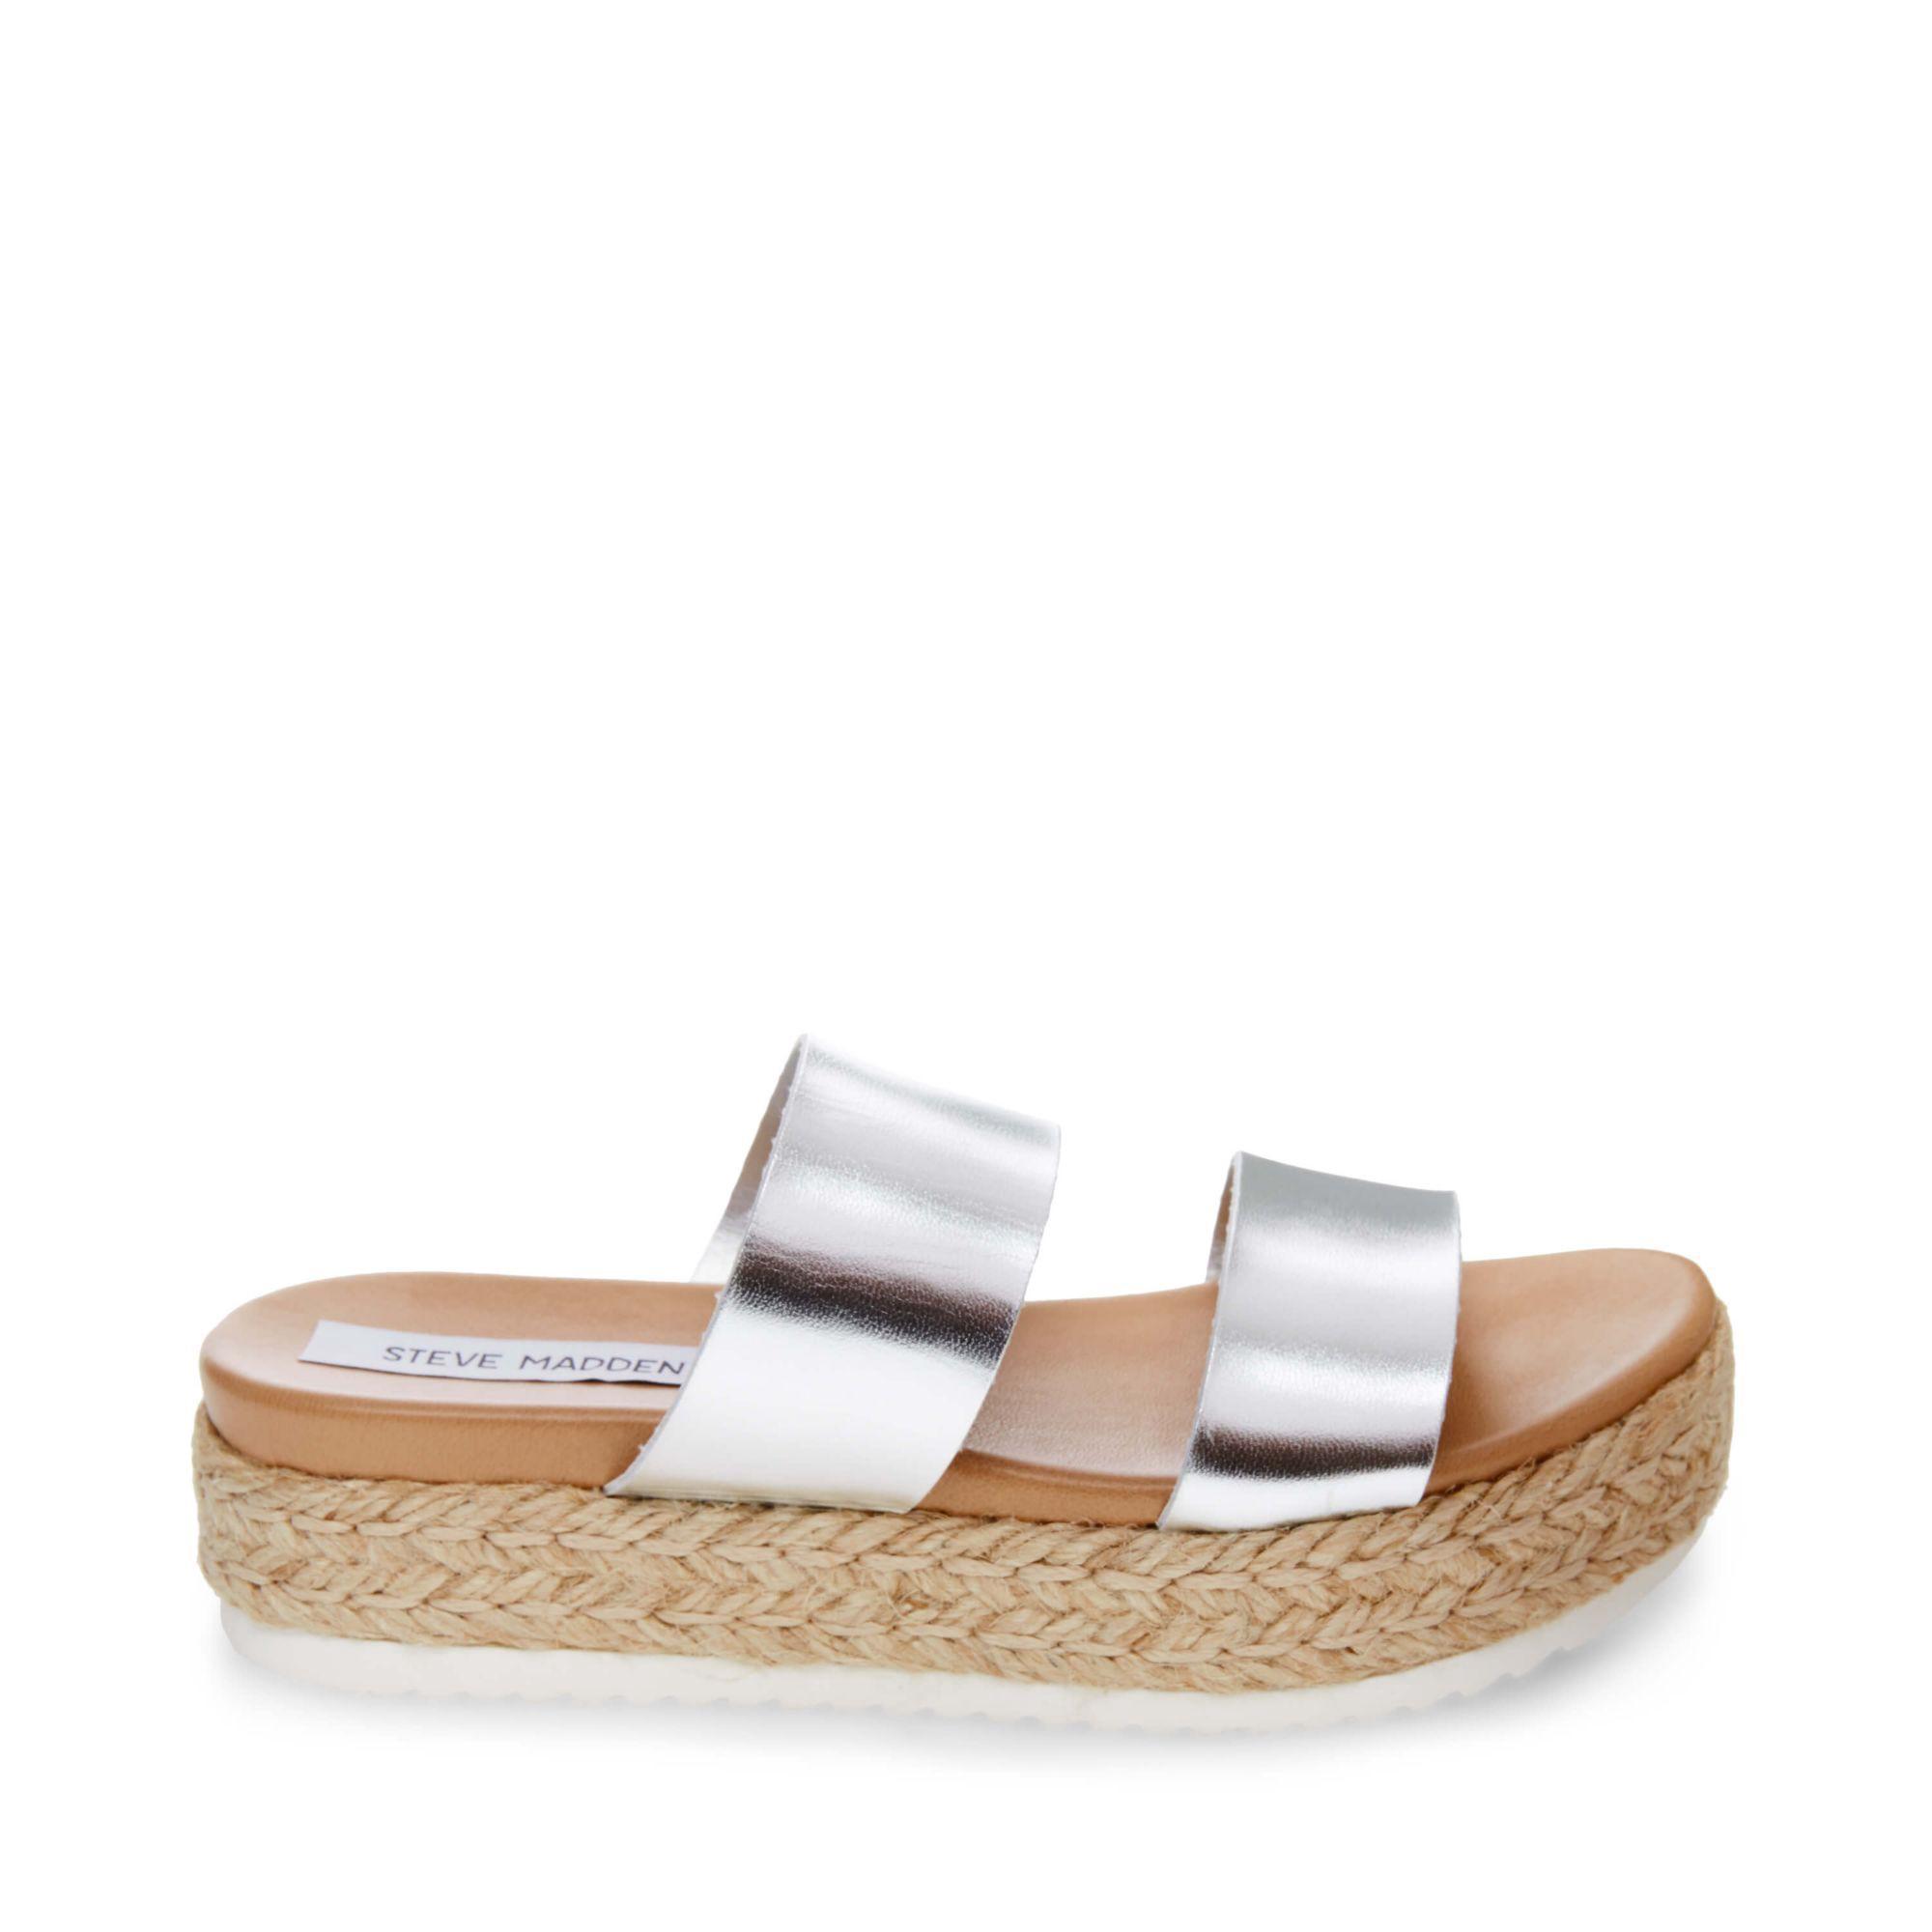 a89403f24d1 Amaze Platform Slide Sandal in Silver Leather